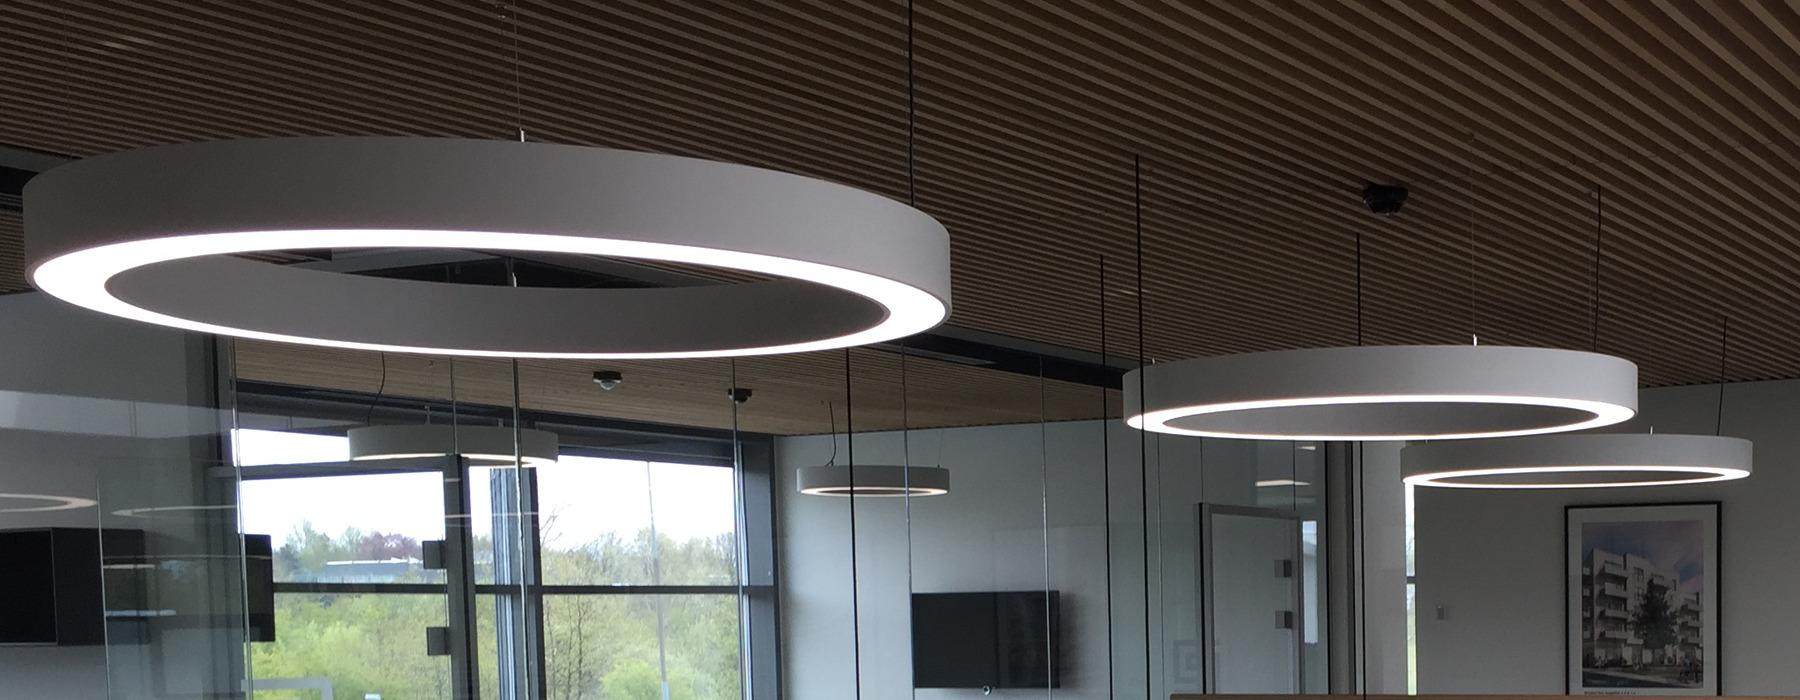 CLO-driver - optimal og bæredygtig belysning